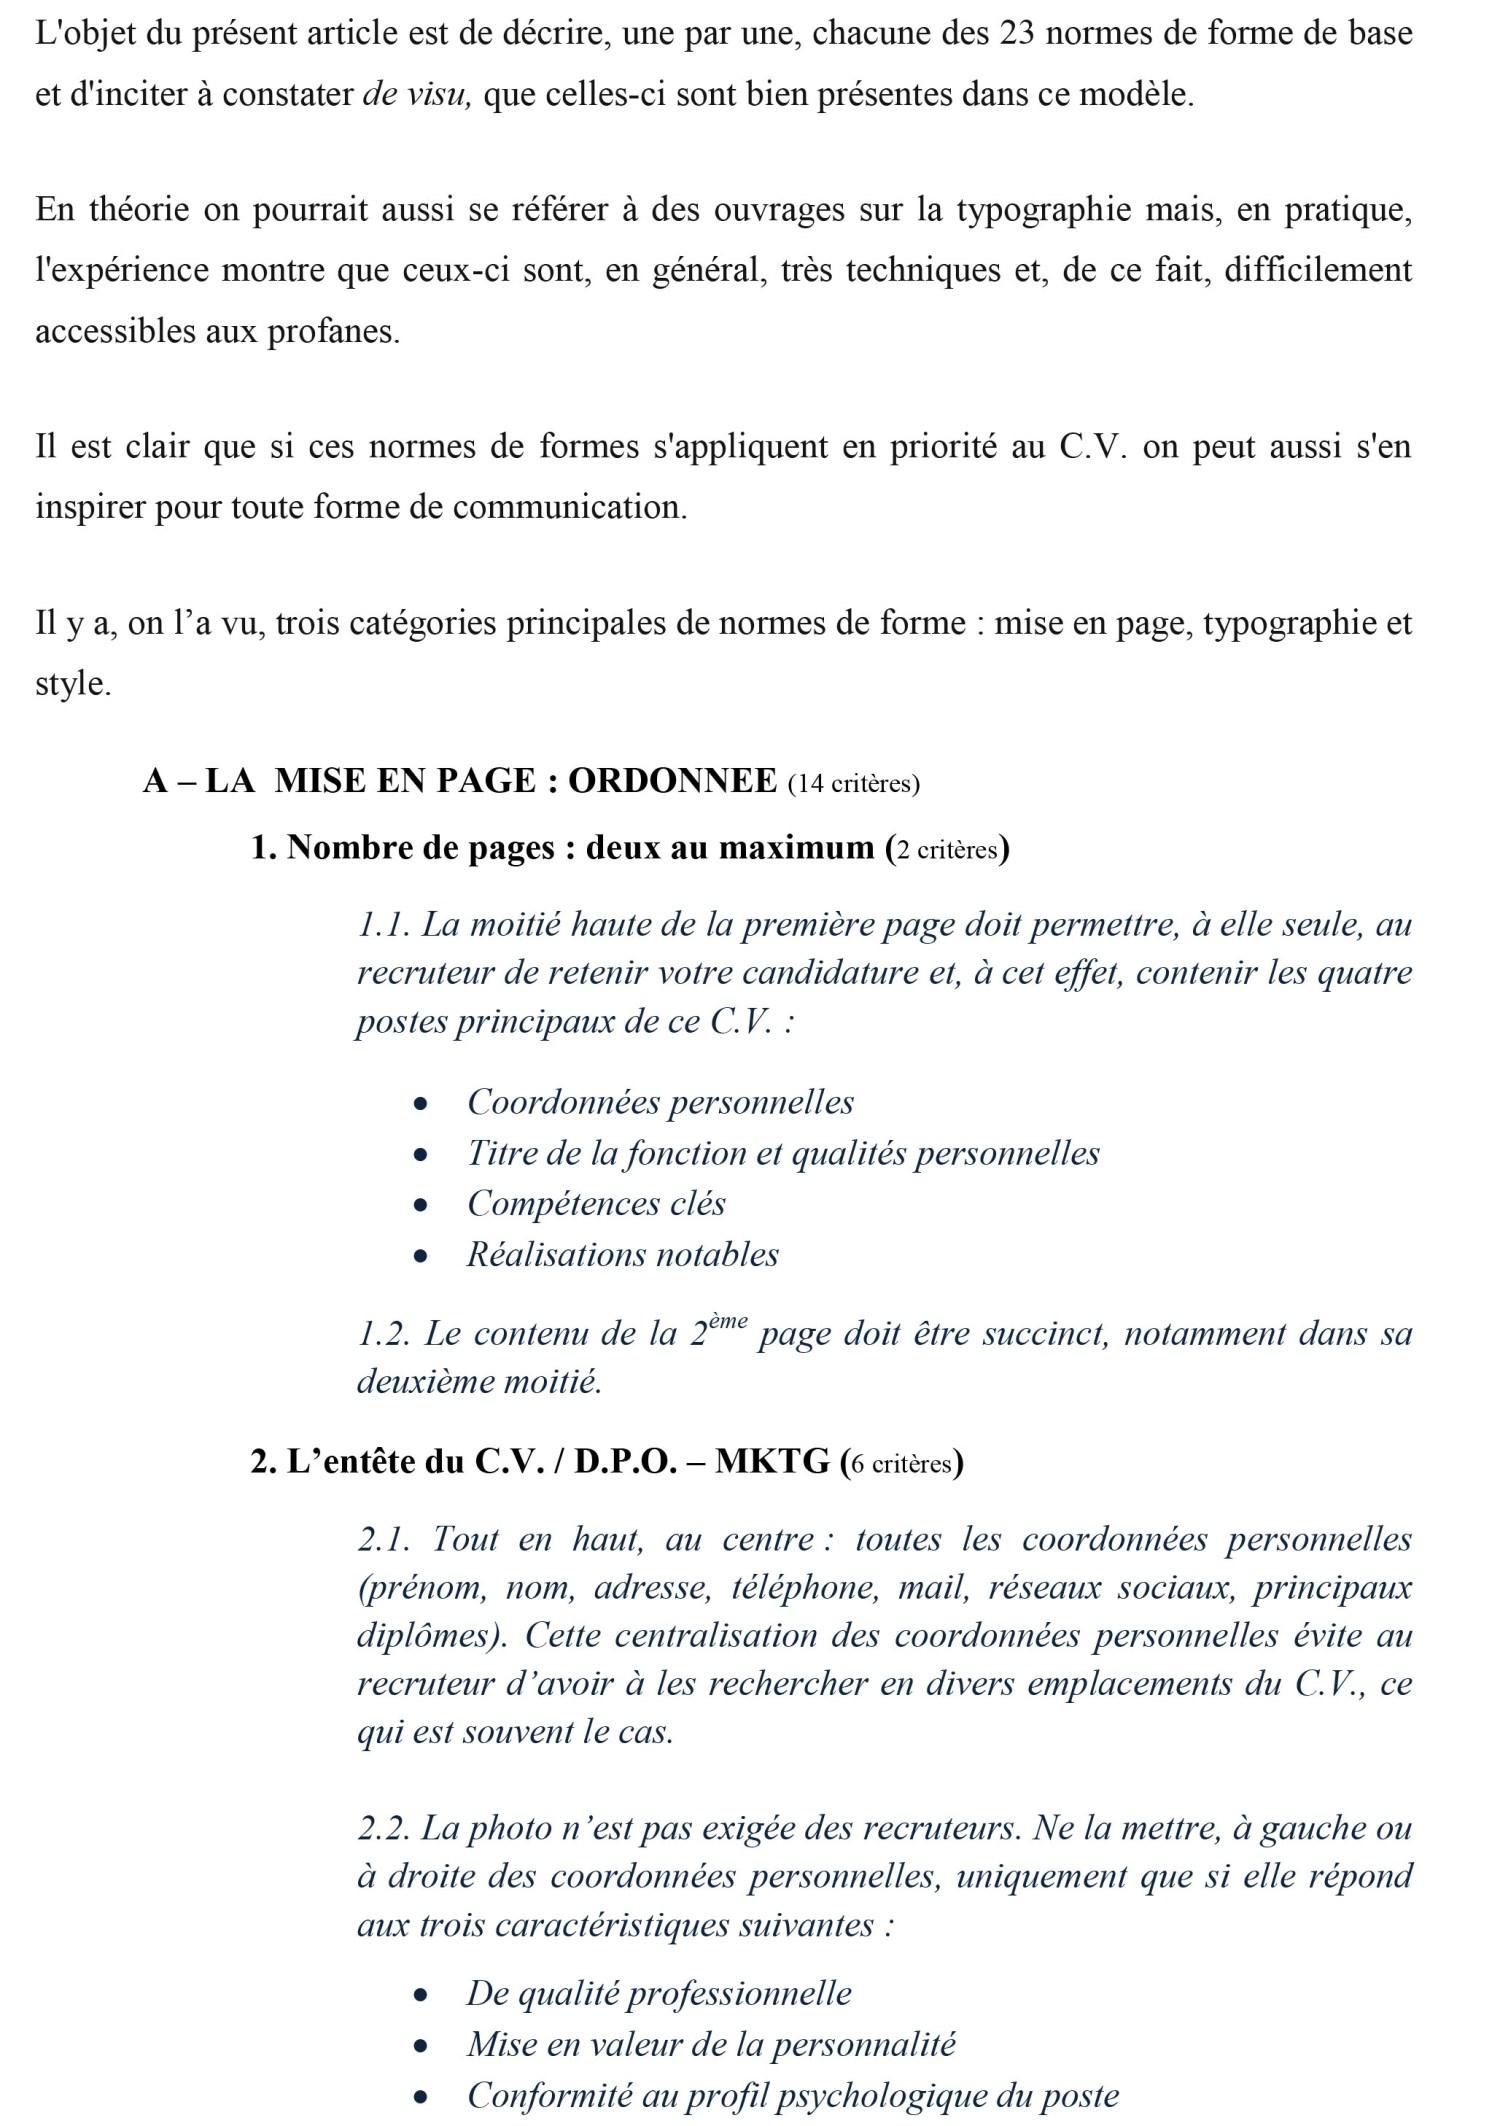 LES 21 CRITERES DE FORME DU CV DPO MKTG-4 p2